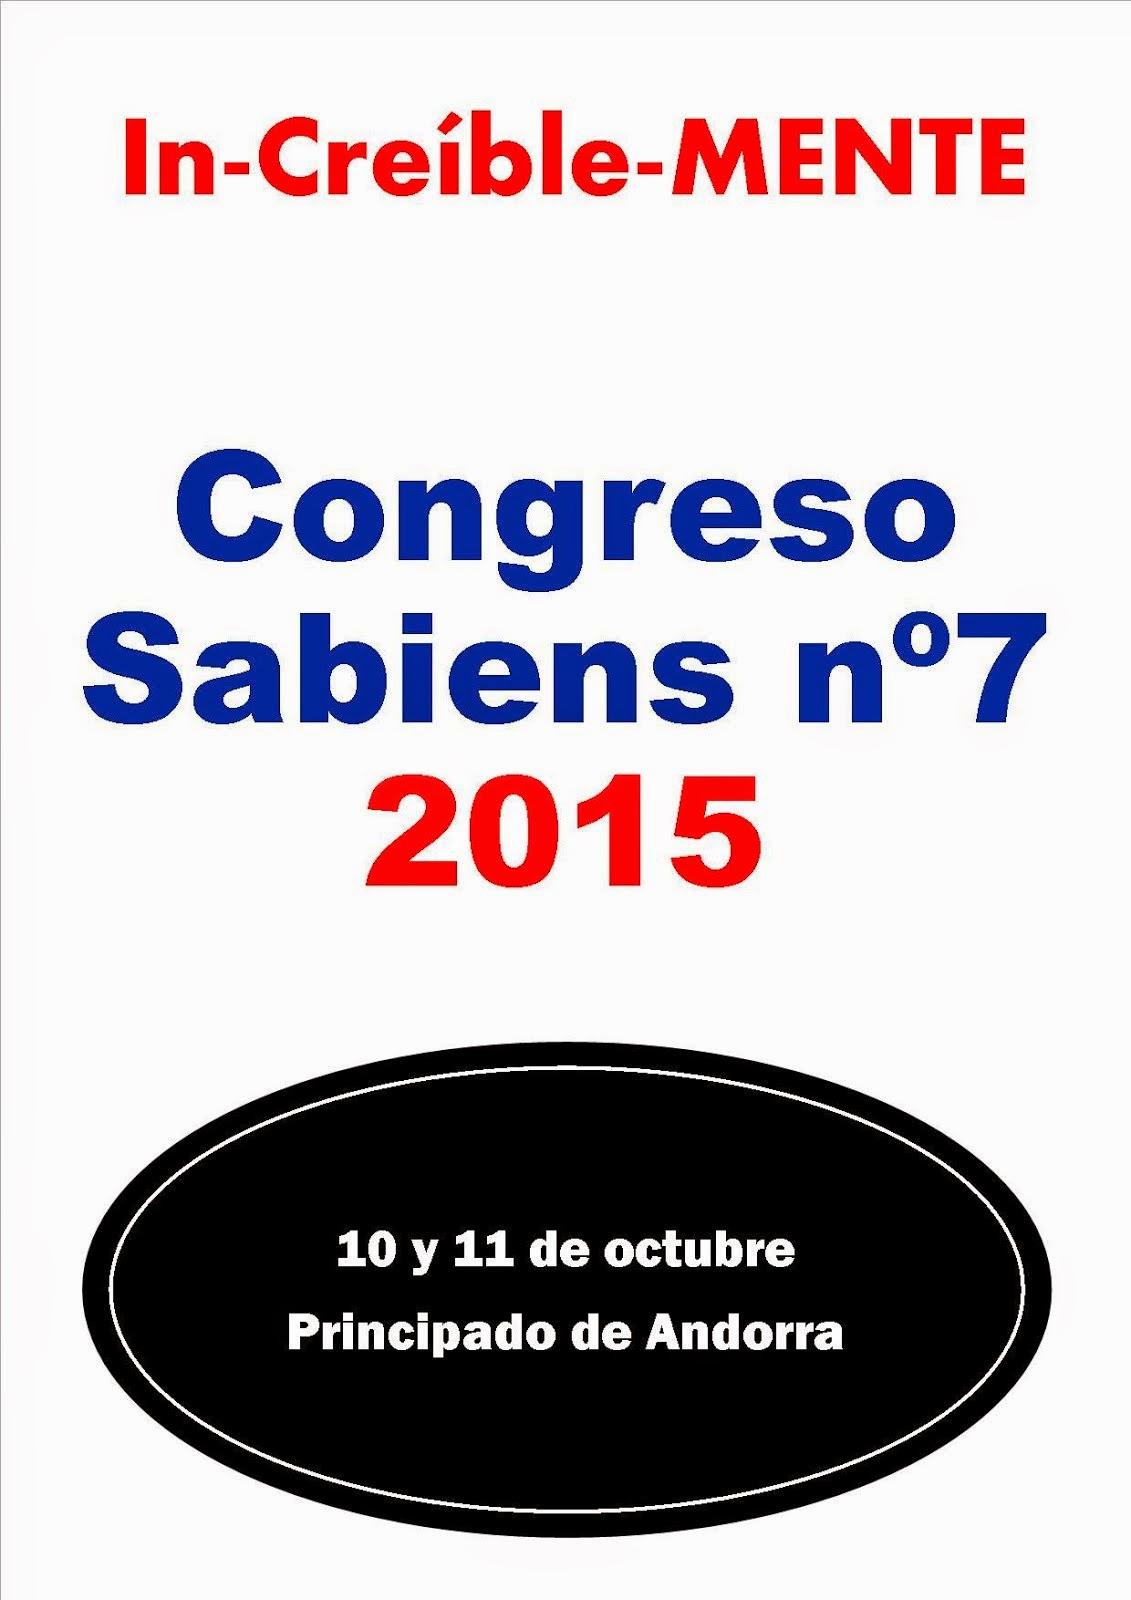 CONGRESO SABIENS 2015